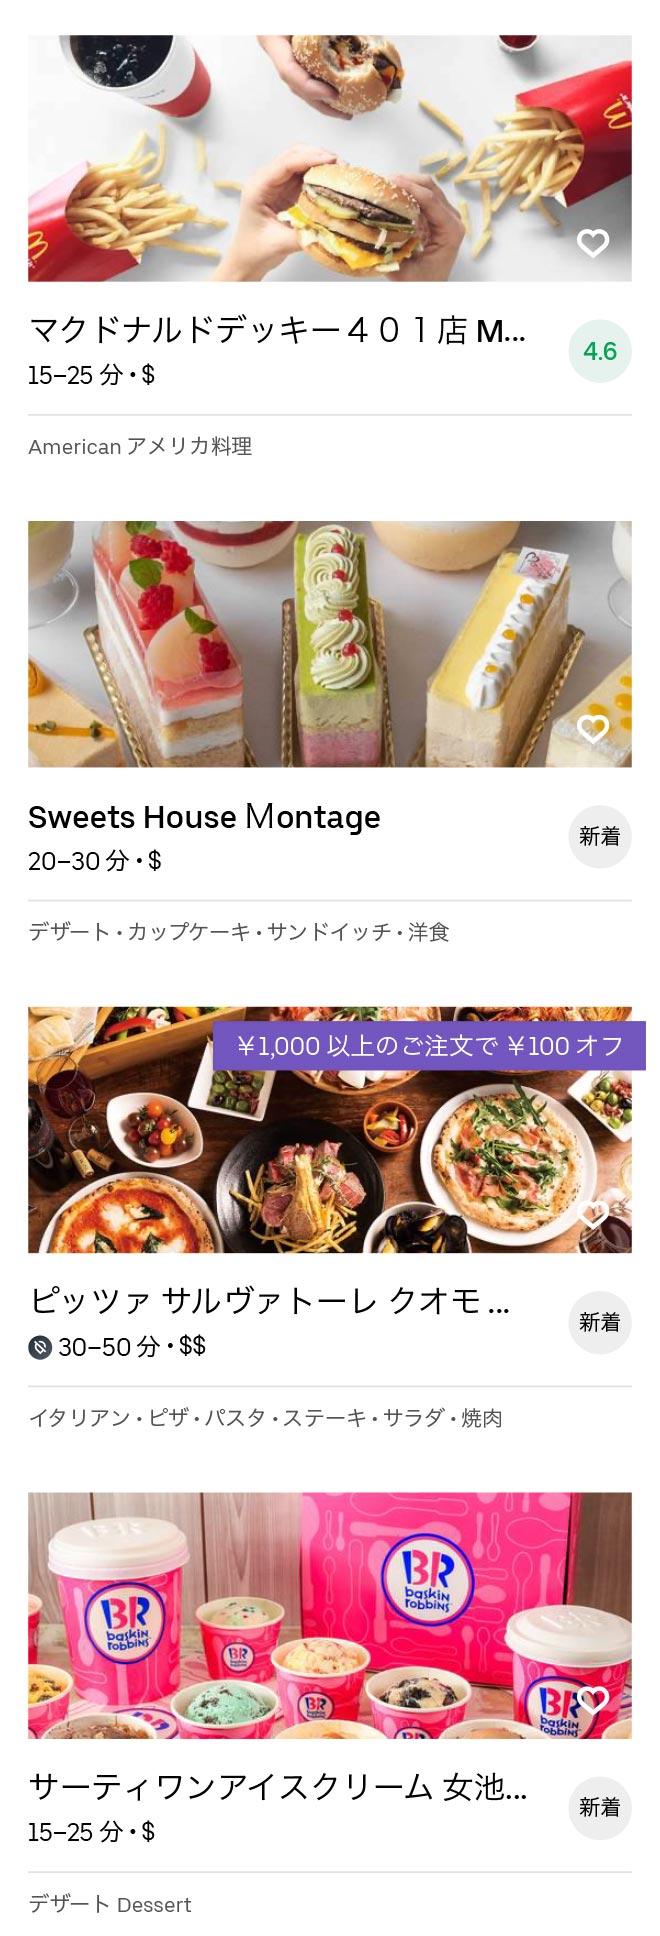 Niigata kamiyama menu 2007 02